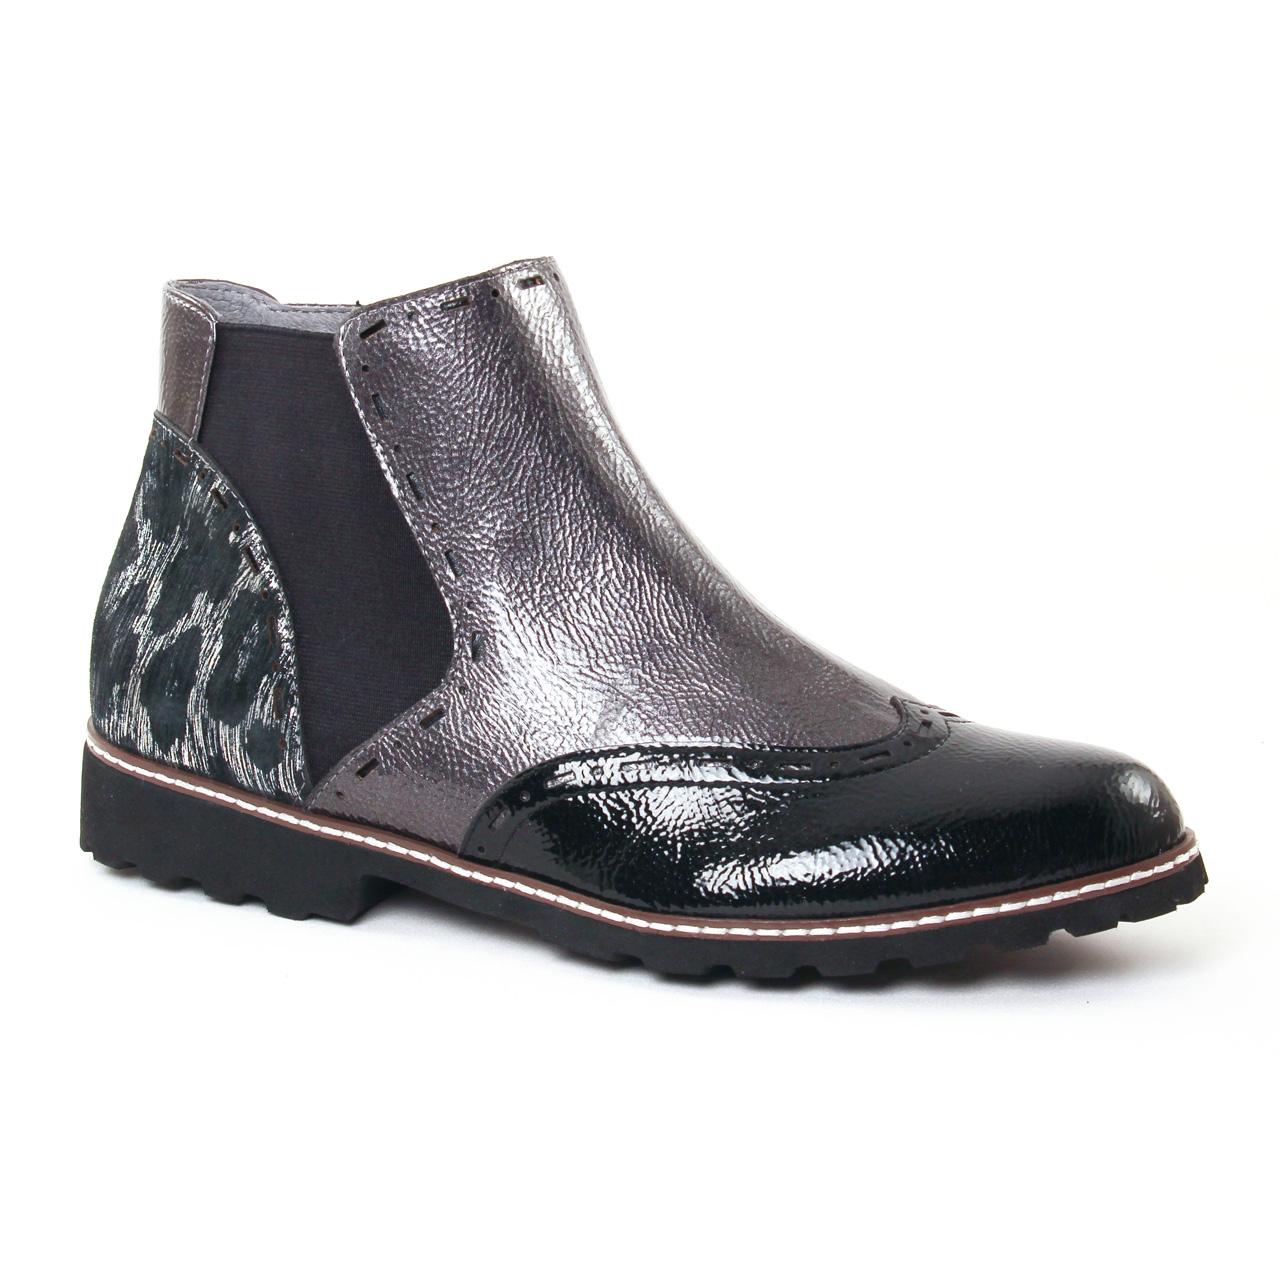 09b9c0ed3852a0 Fugitive Woipy Argent Vernis | boot élastiquées noir argent automne ...